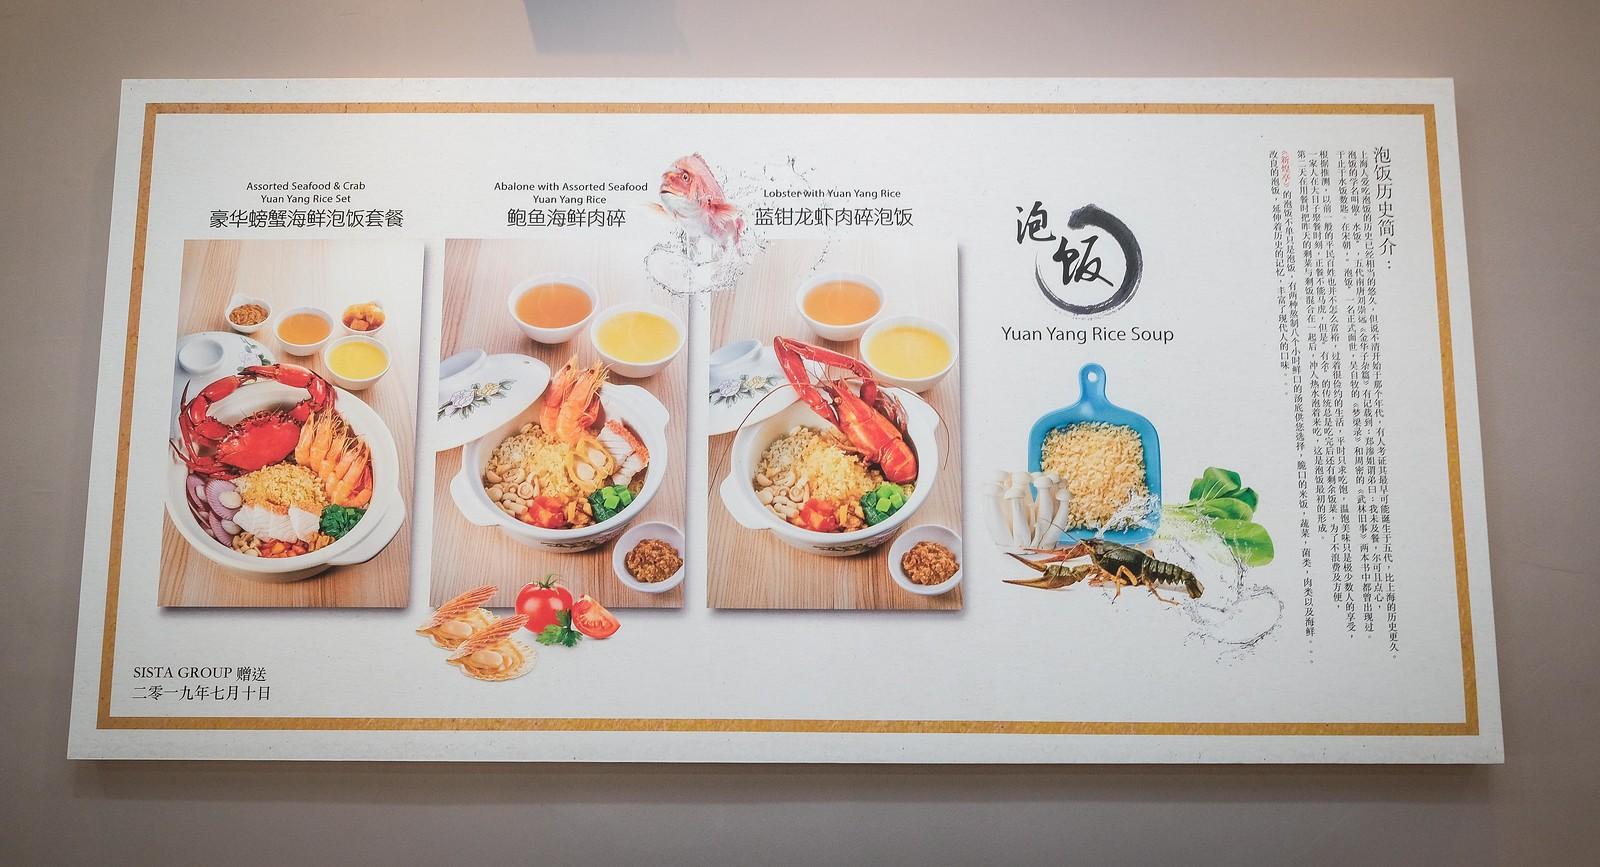 孙美食厨房用姚文龙菜单